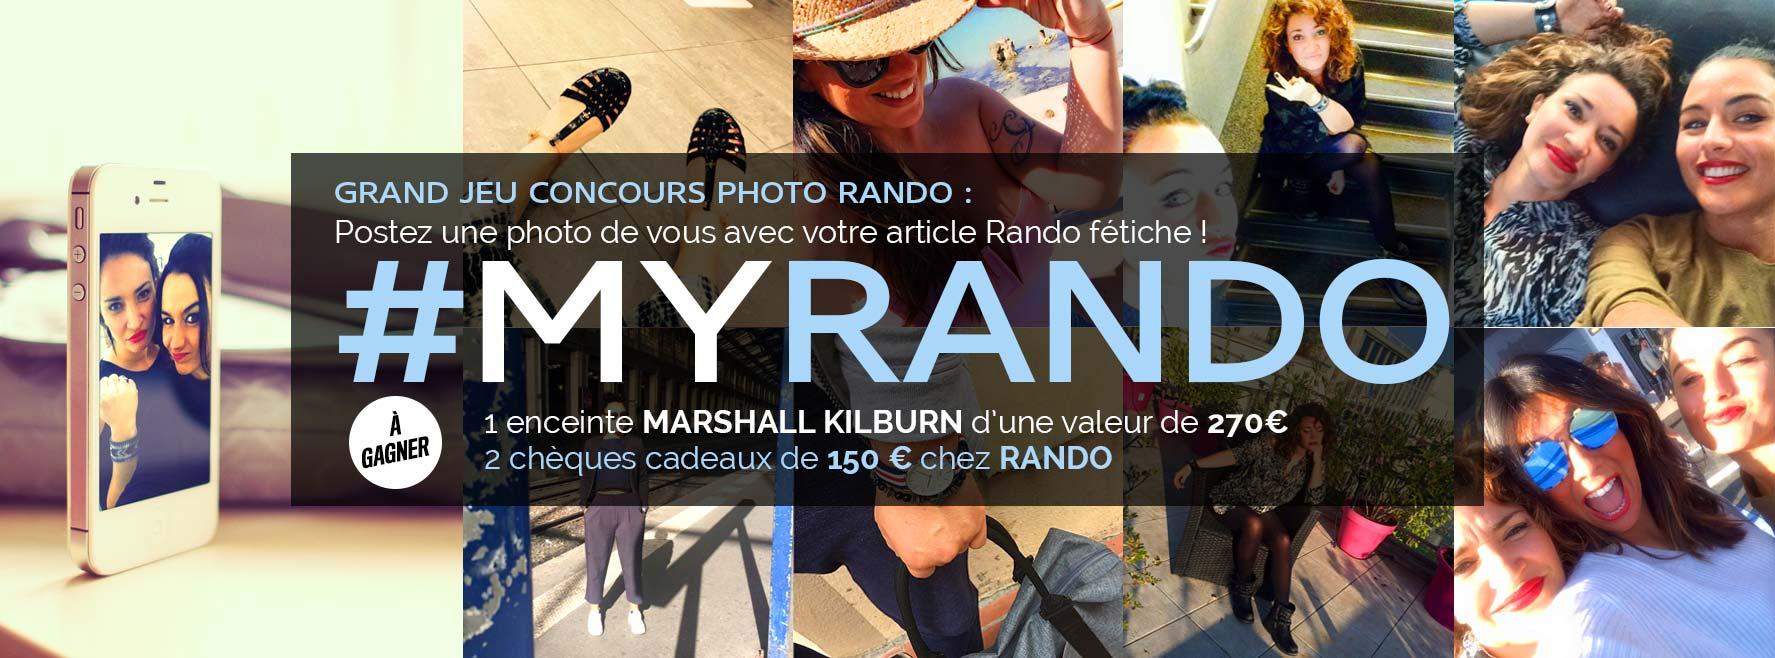 Concours photo #MyRando